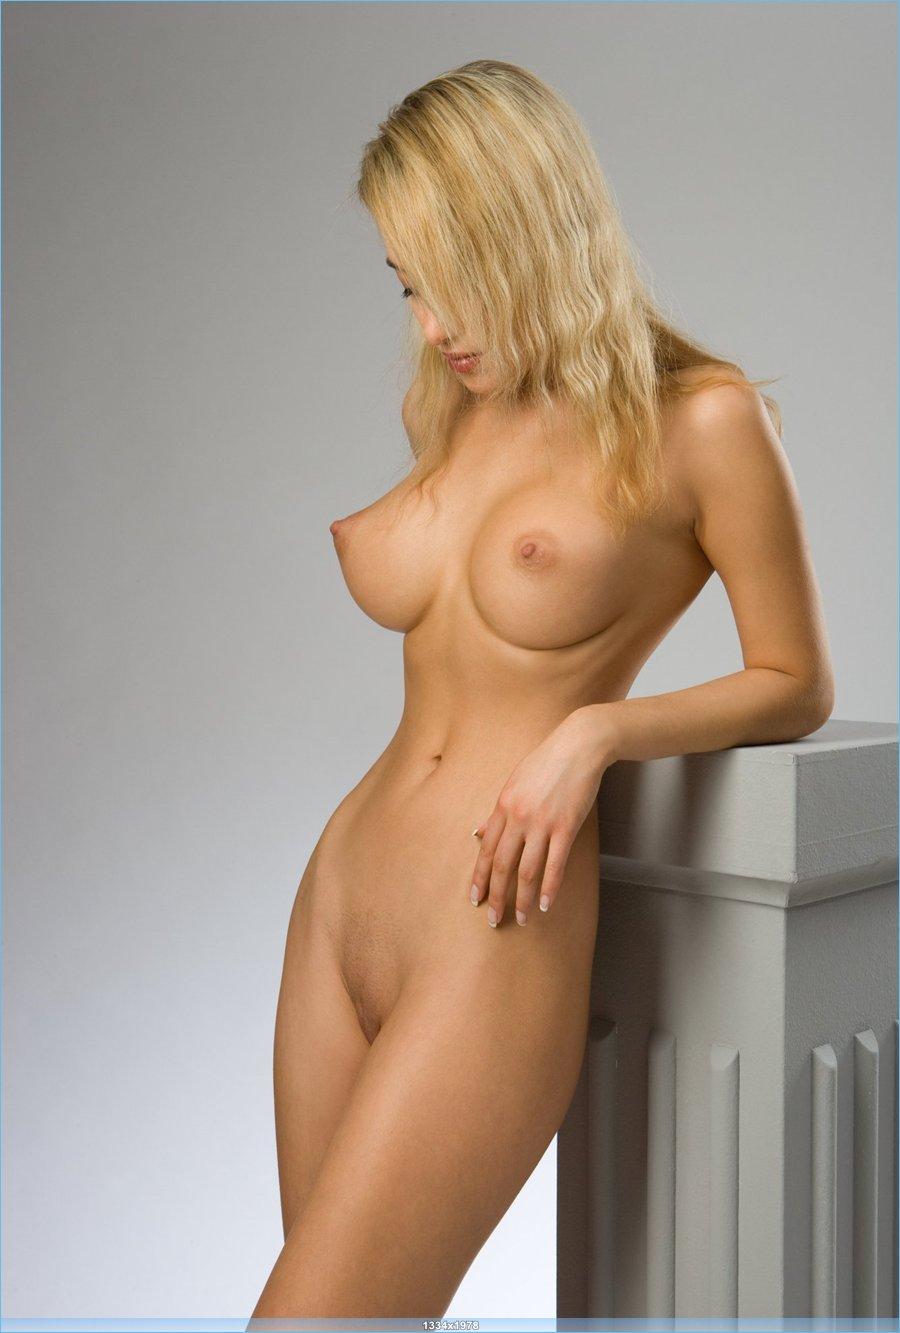 голая девушка с потрясающей фигурой